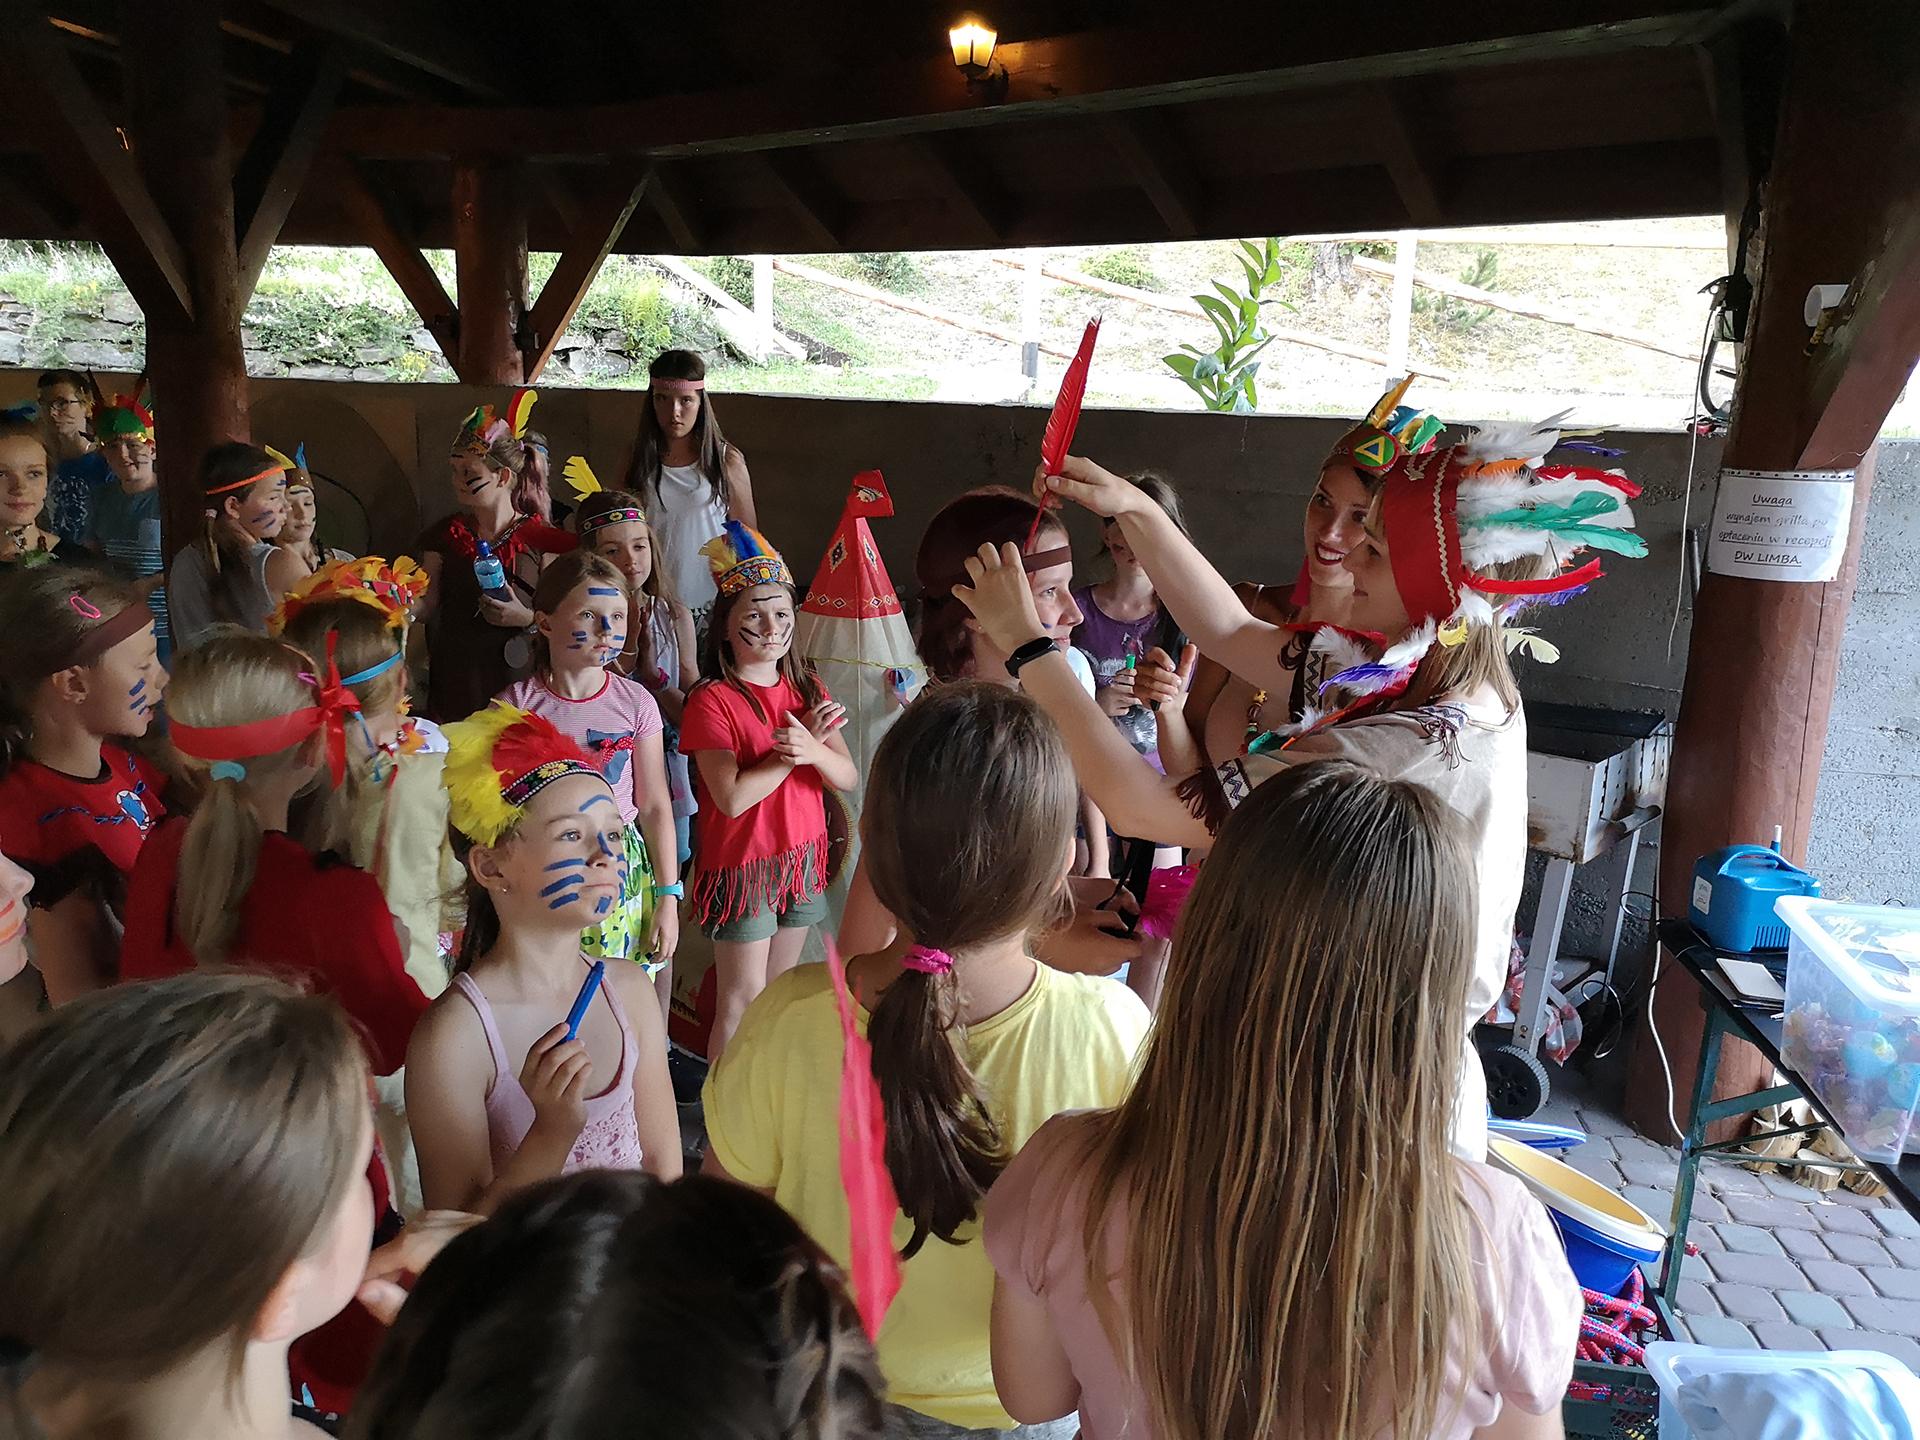 Bawiące się dzieci - kolonia językowa Bacalarus